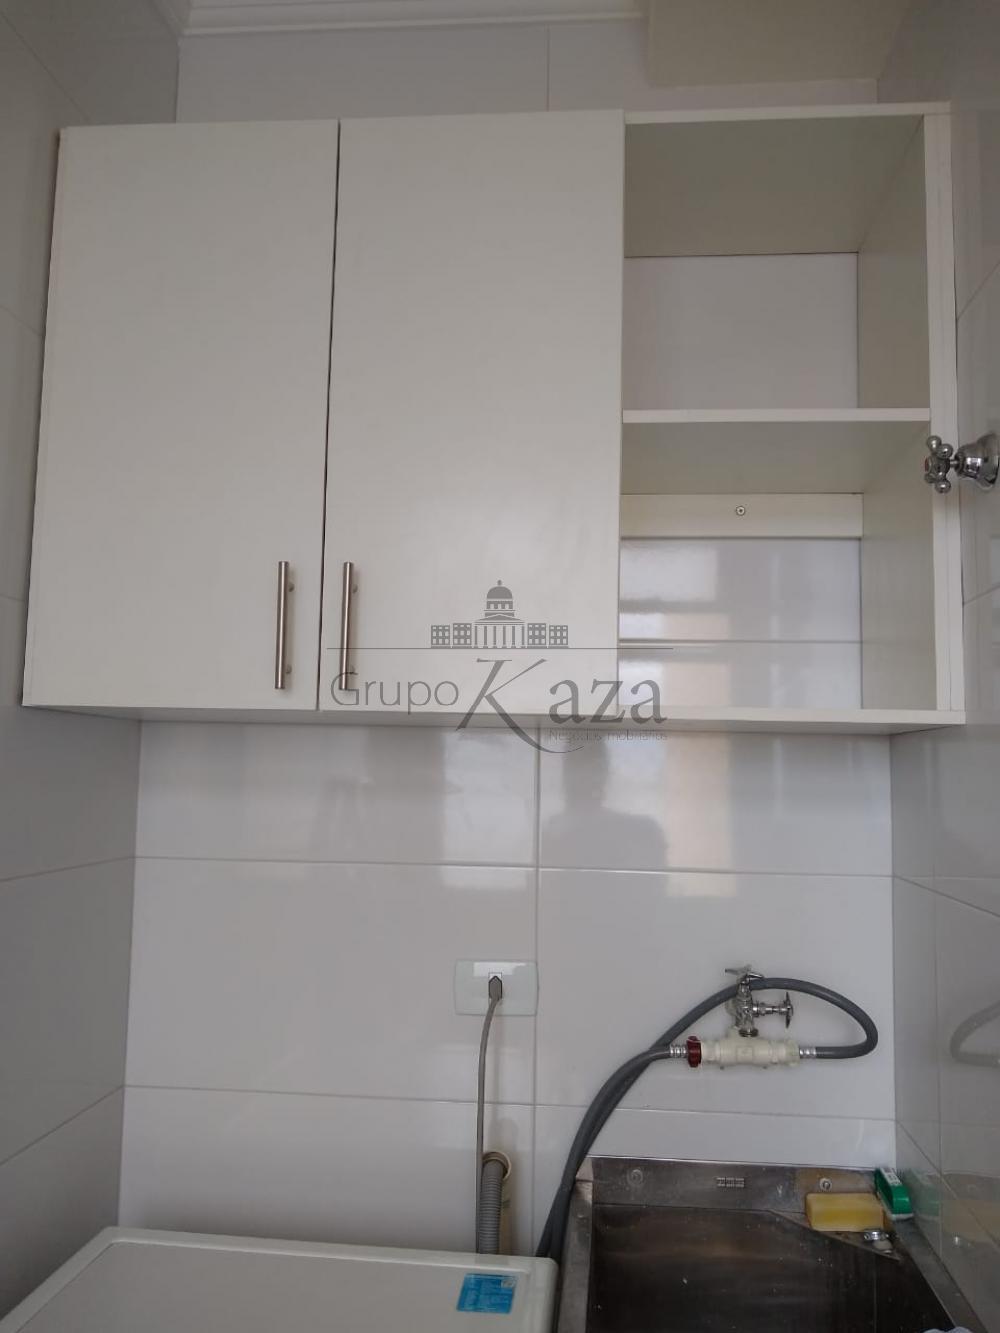 alt='Comprar Apartamento / Padrão em São José dos Campos R$ 373.000,00 - Foto 5' title='Comprar Apartamento / Padrão em São José dos Campos R$ 373.000,00 - Foto 5'